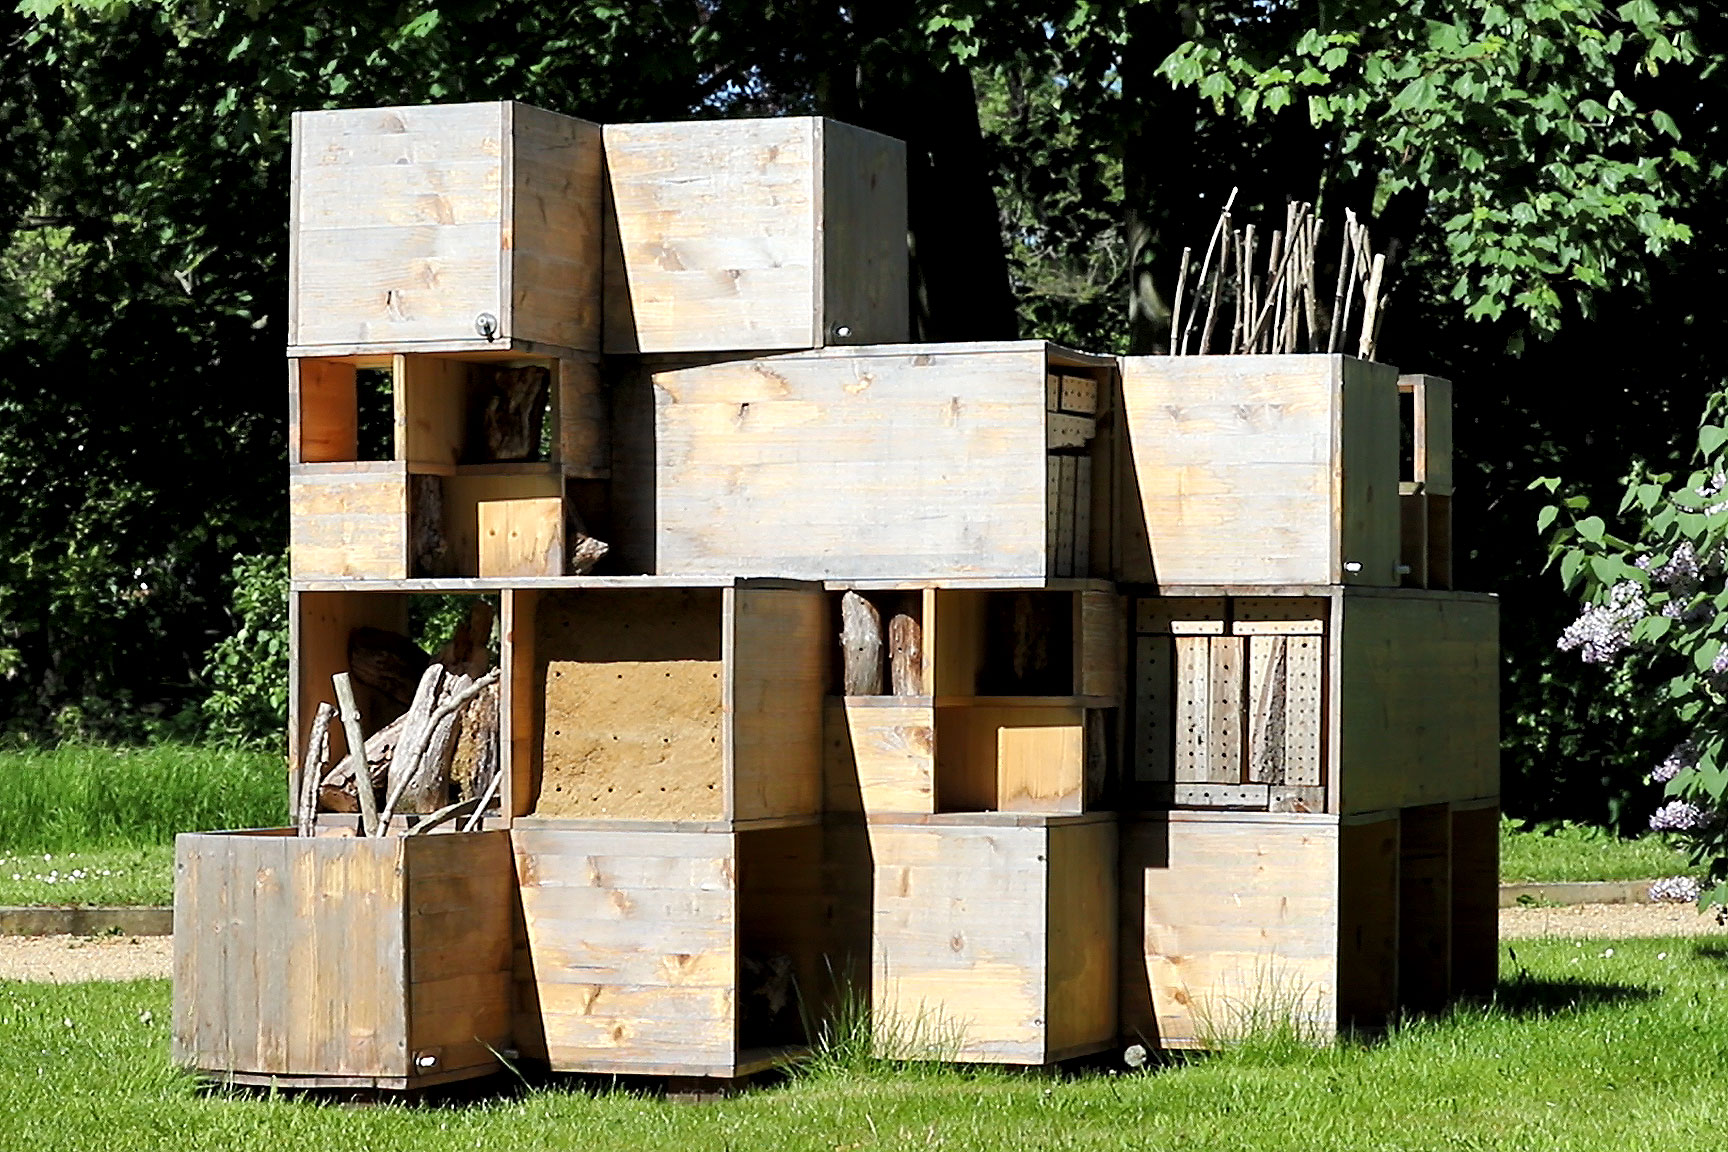 Auf der TU-Night gibt es mehr Informationen über Projekte zur Förderung von Wildbienen.